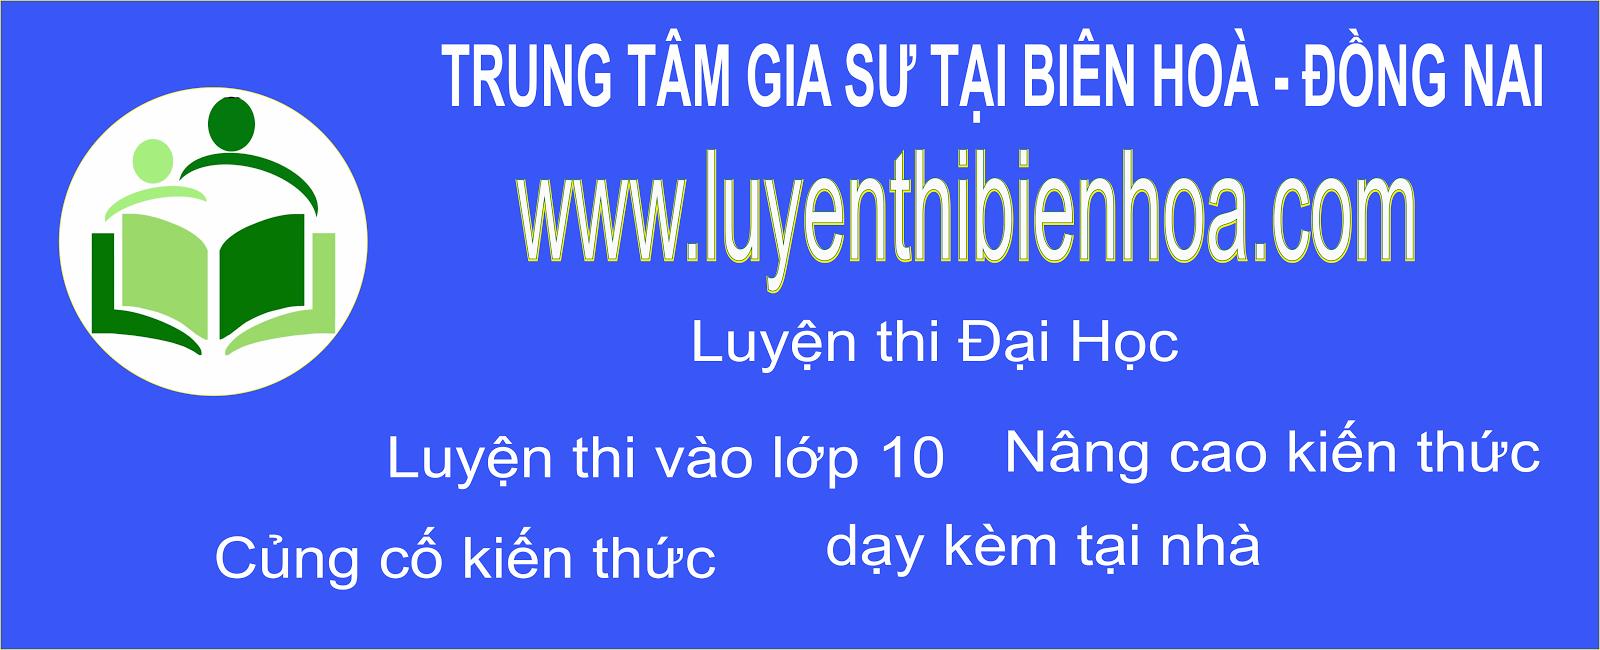 Gia sư Biên Hoà